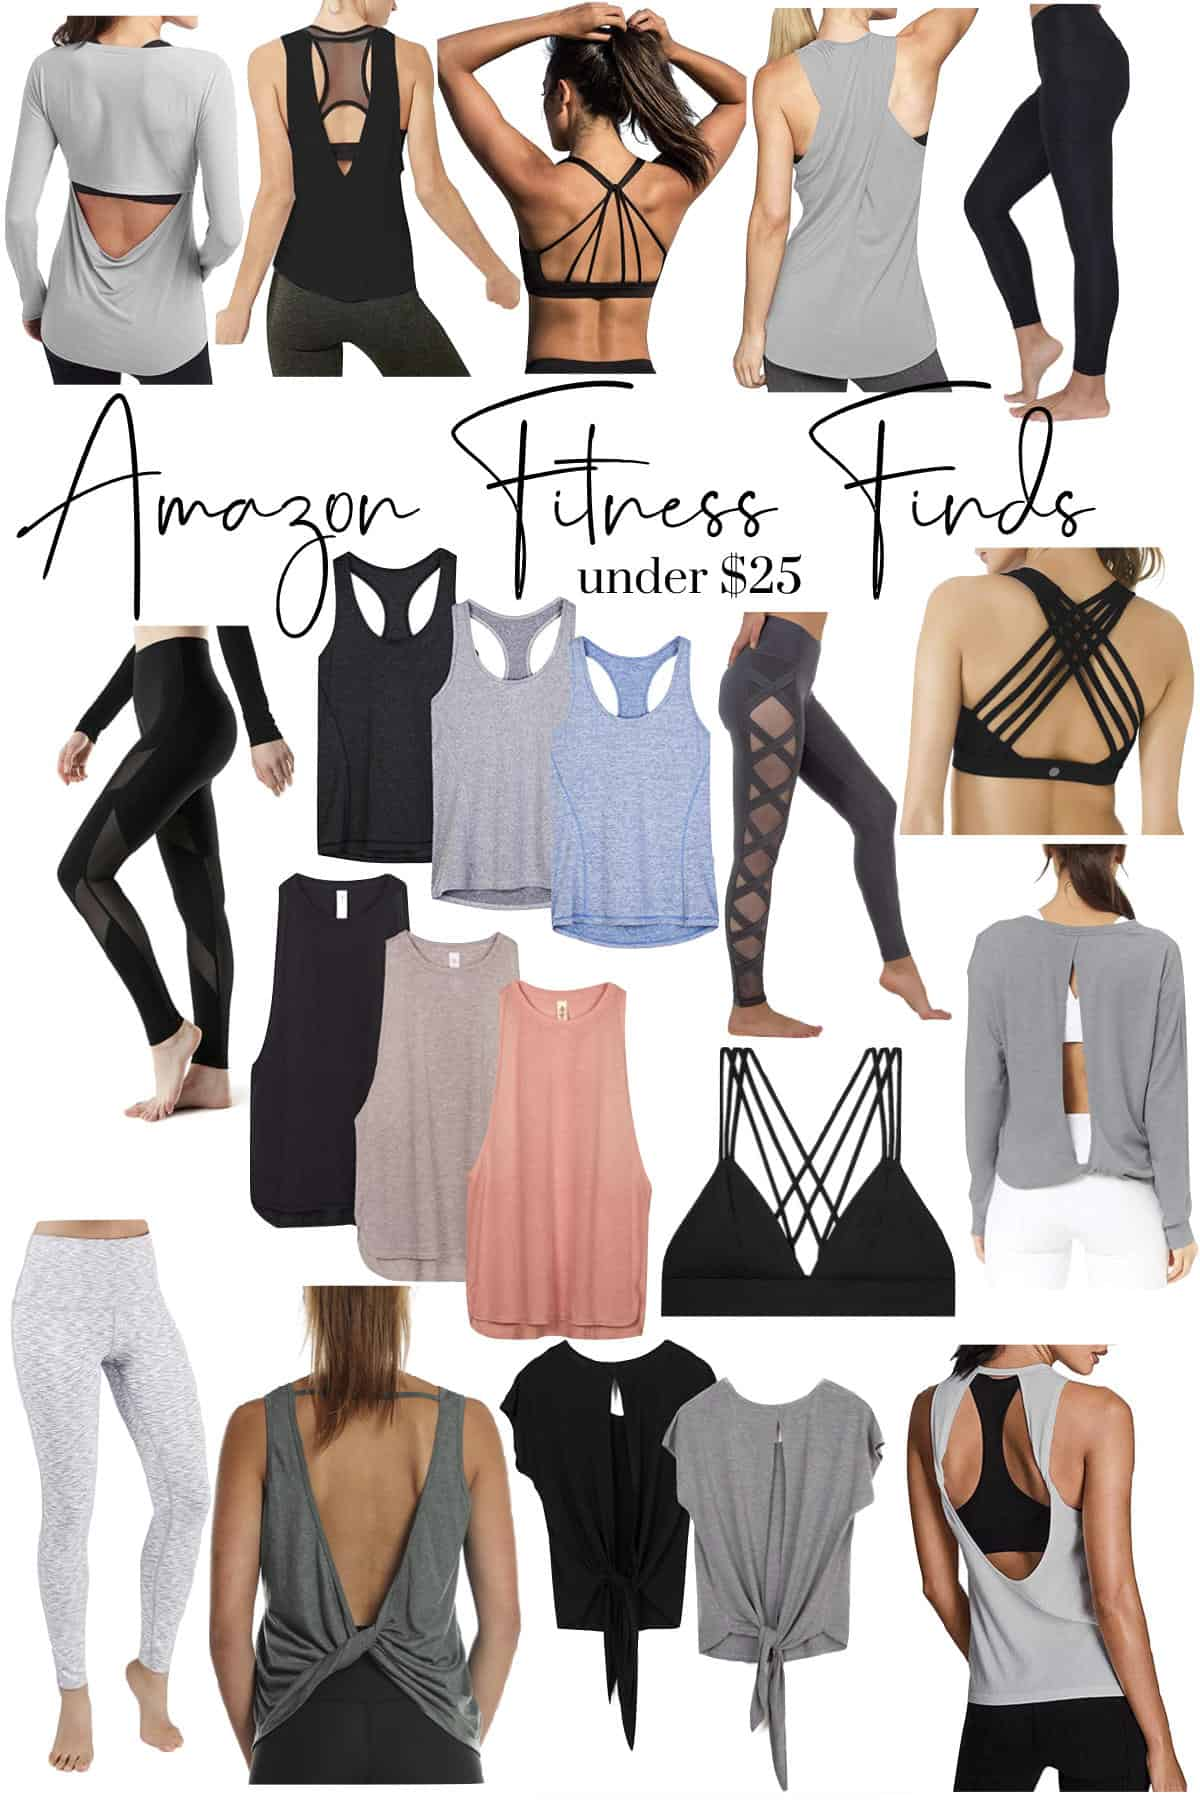 amazon fitness under $25